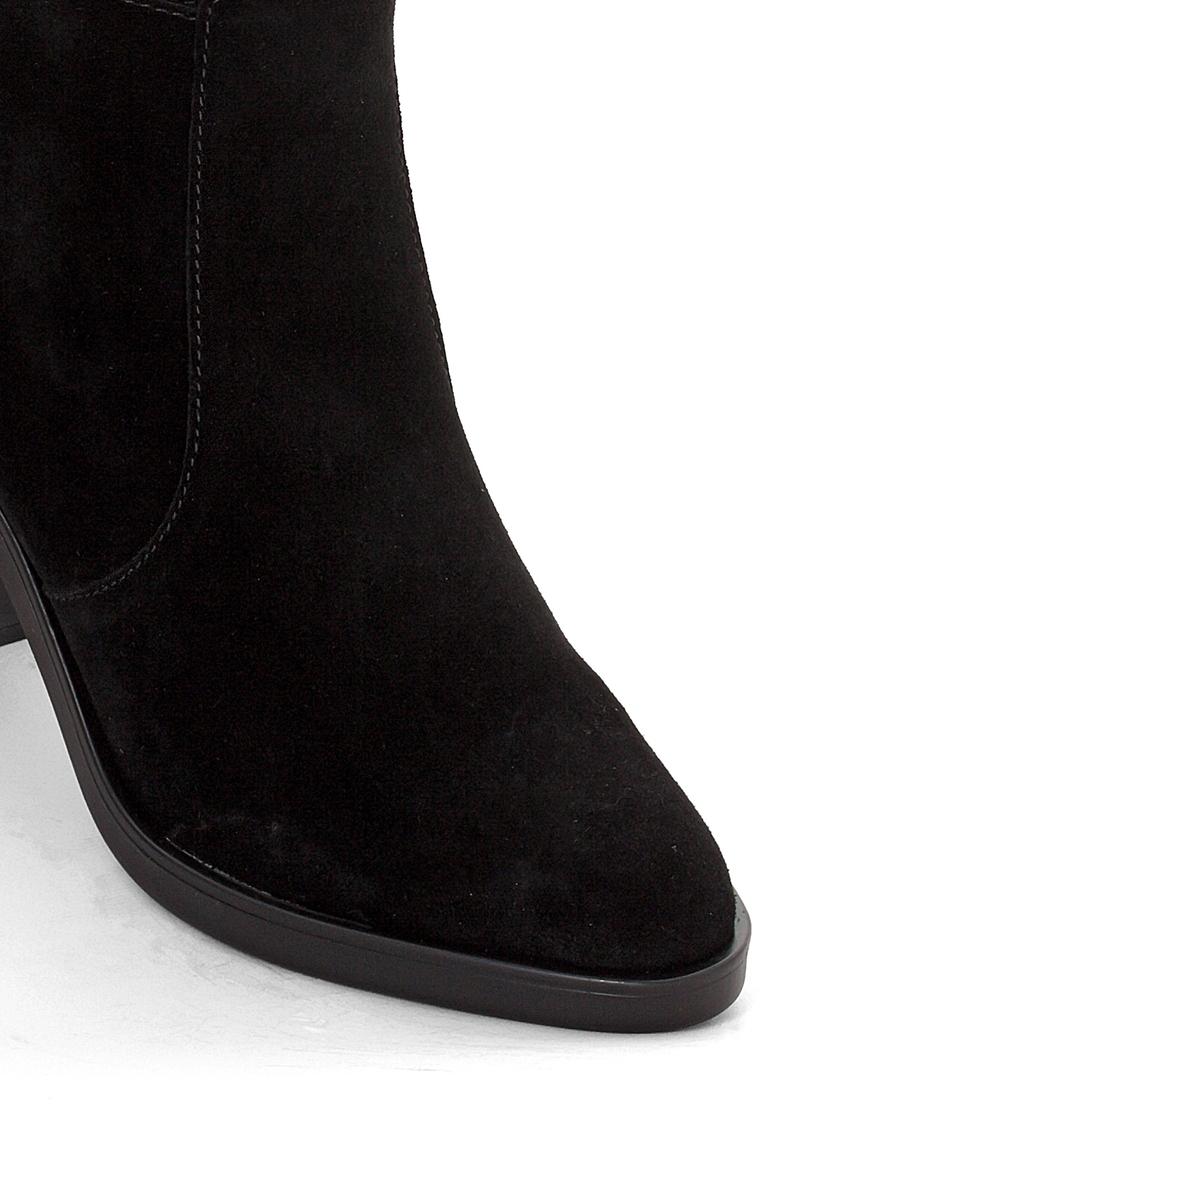 Сапоги на каблуке Shane OverkenneПодкладка : Синтетический материал               Стелька : полиэстер.               Подошва : Каучук.           Высота каблука : 8 см               Высота голенища : 35 см.               Форма каблука : Широкий               Мысок : Закругленный               Застежка : На молнию<br><br>Цвет: черный<br>Размер: 37.36